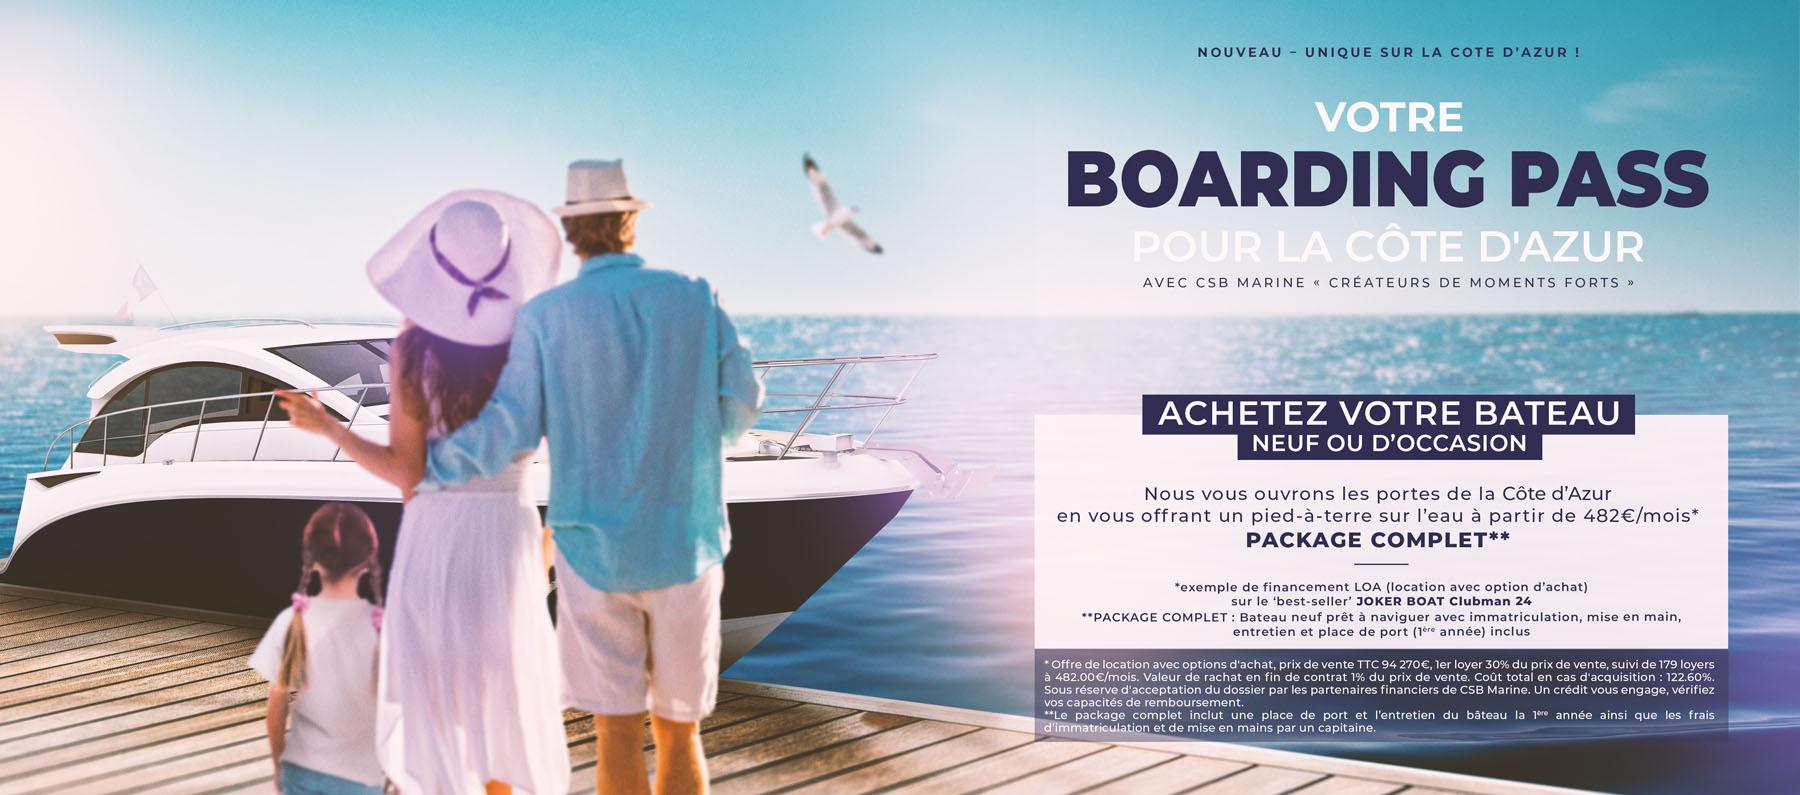 Votre boarding pass pour la Côte d'Azur avec CSB Marine, créateurs de moments forts. Achetez votre JOKER BOAT Clubman 24 neuf ou d'occasion. Nous vous ouvrons les portes de la cote d'azur en vous offrant un pied-à-terre sur l'eau à partir de 482€ par mois. Package complet